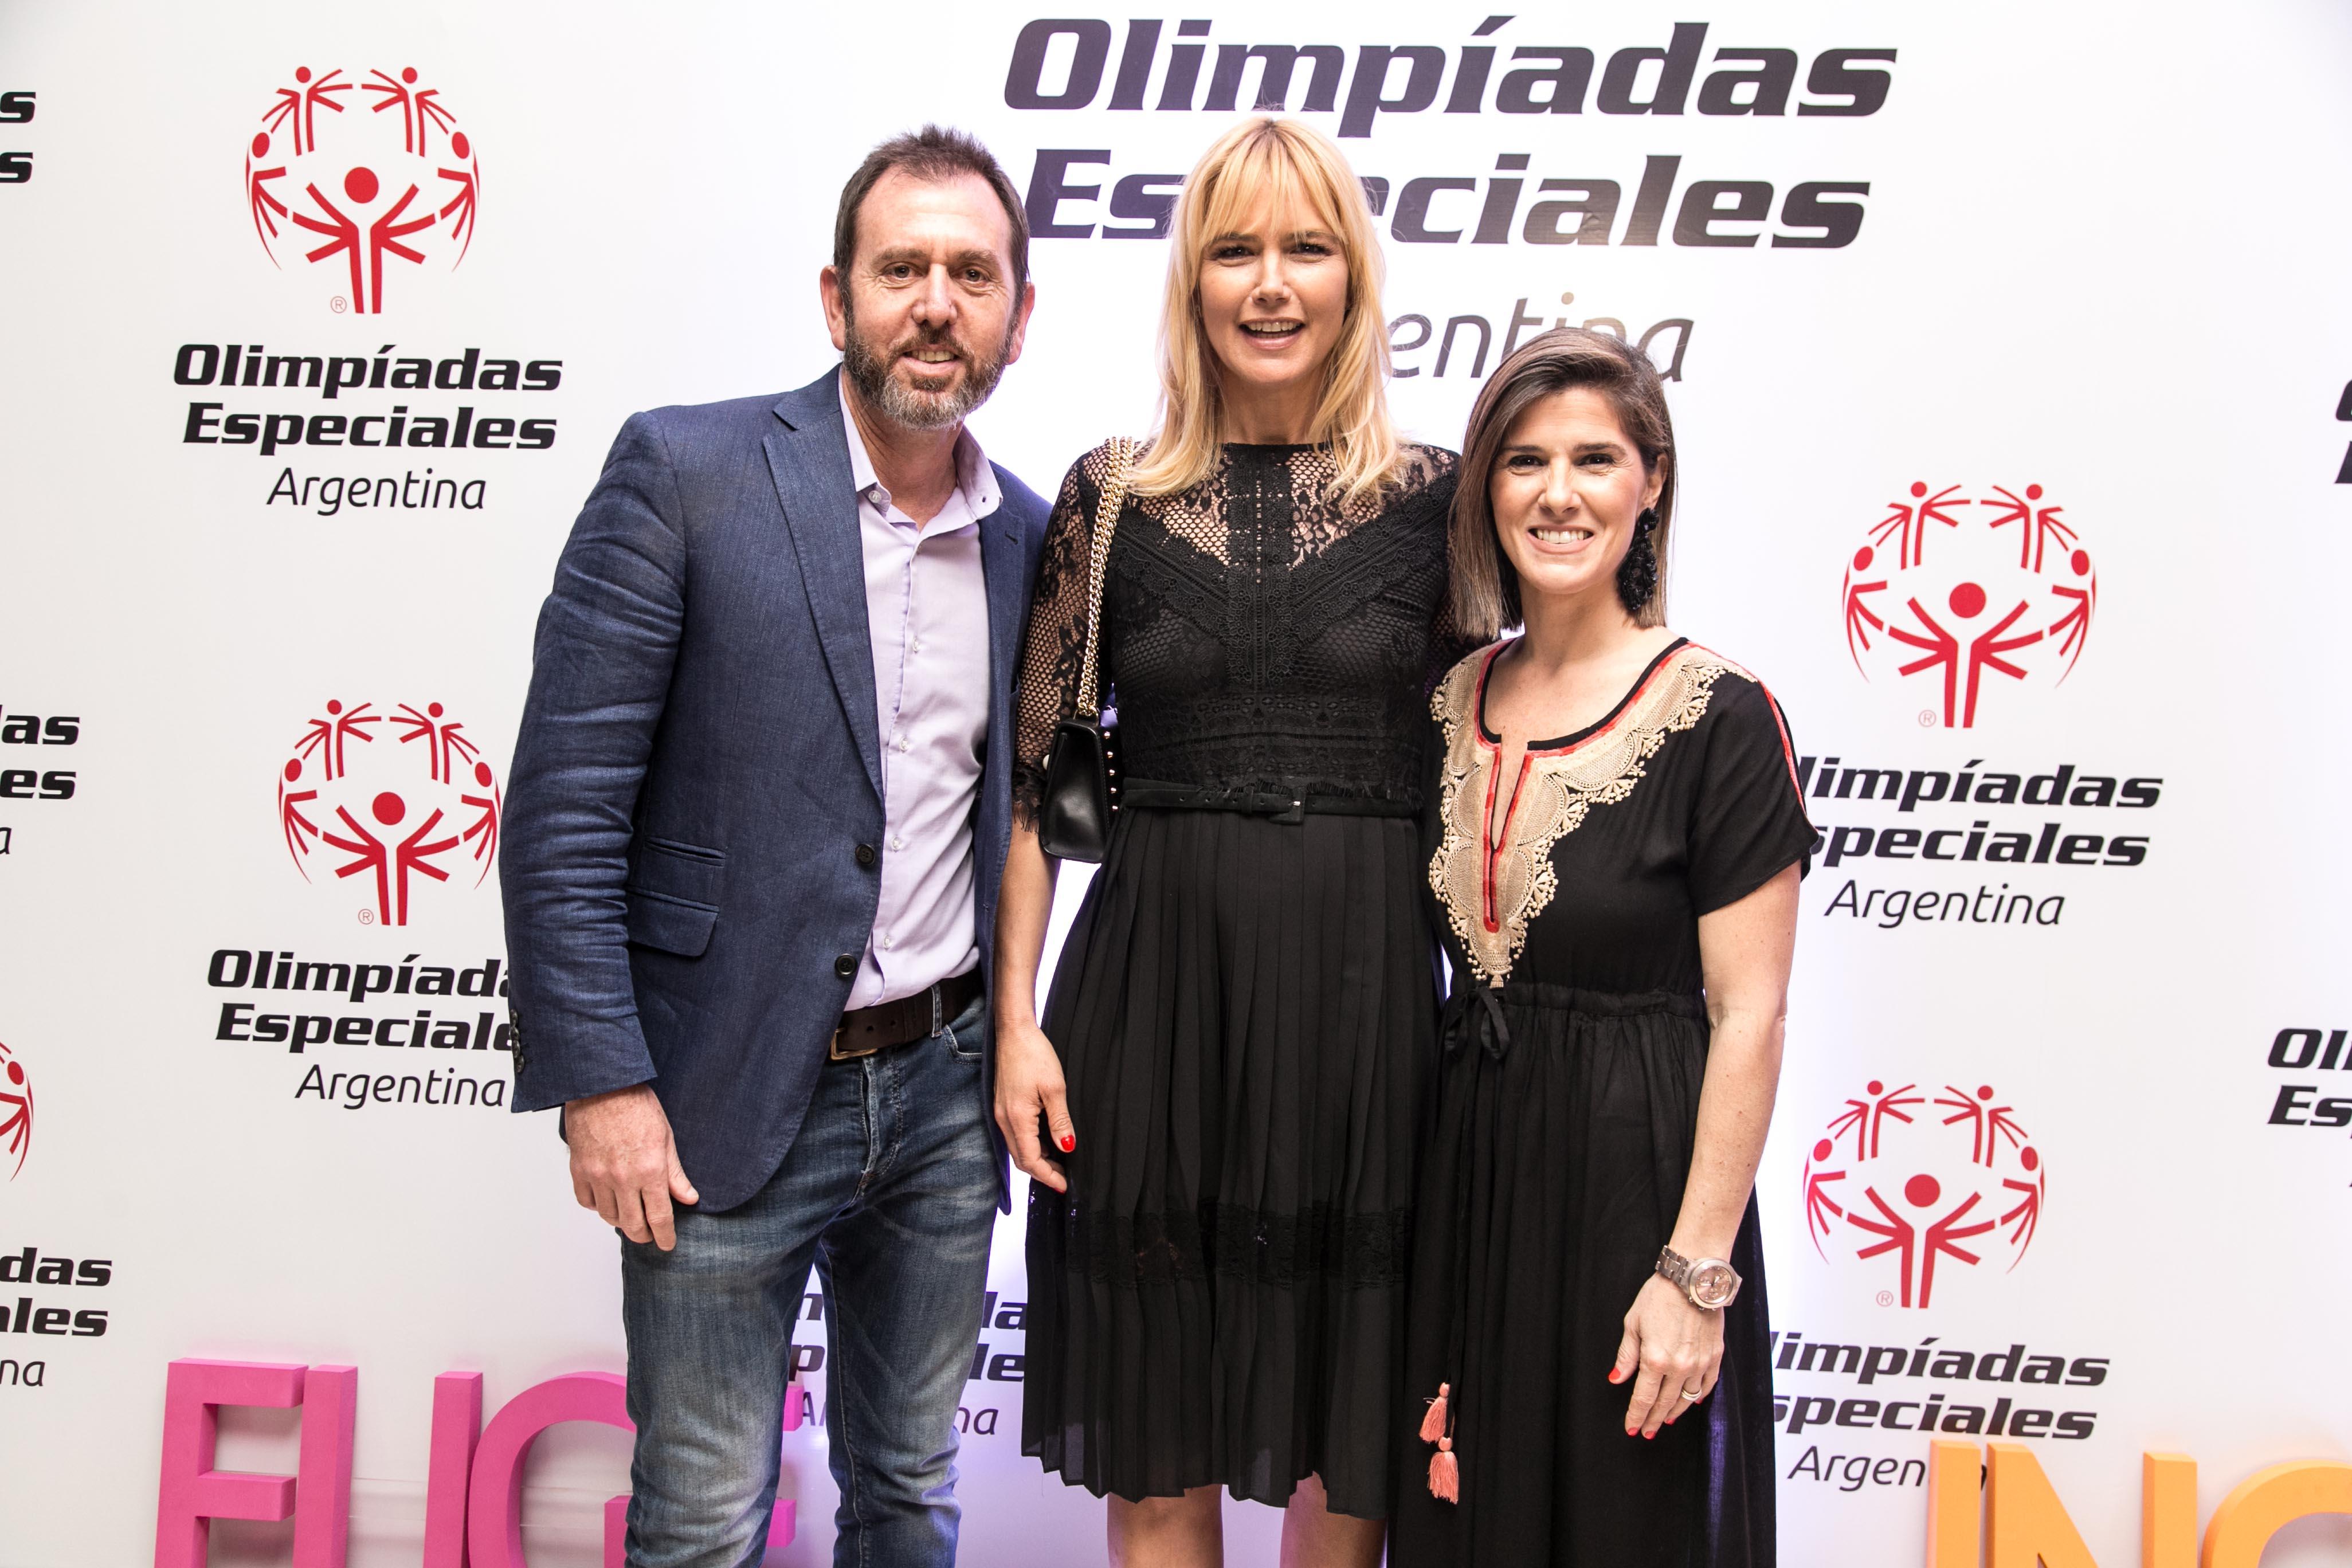 #EligeIncluir Olimpíadas Especiales Argentina realizó su VIII Comida Anual Solidaria